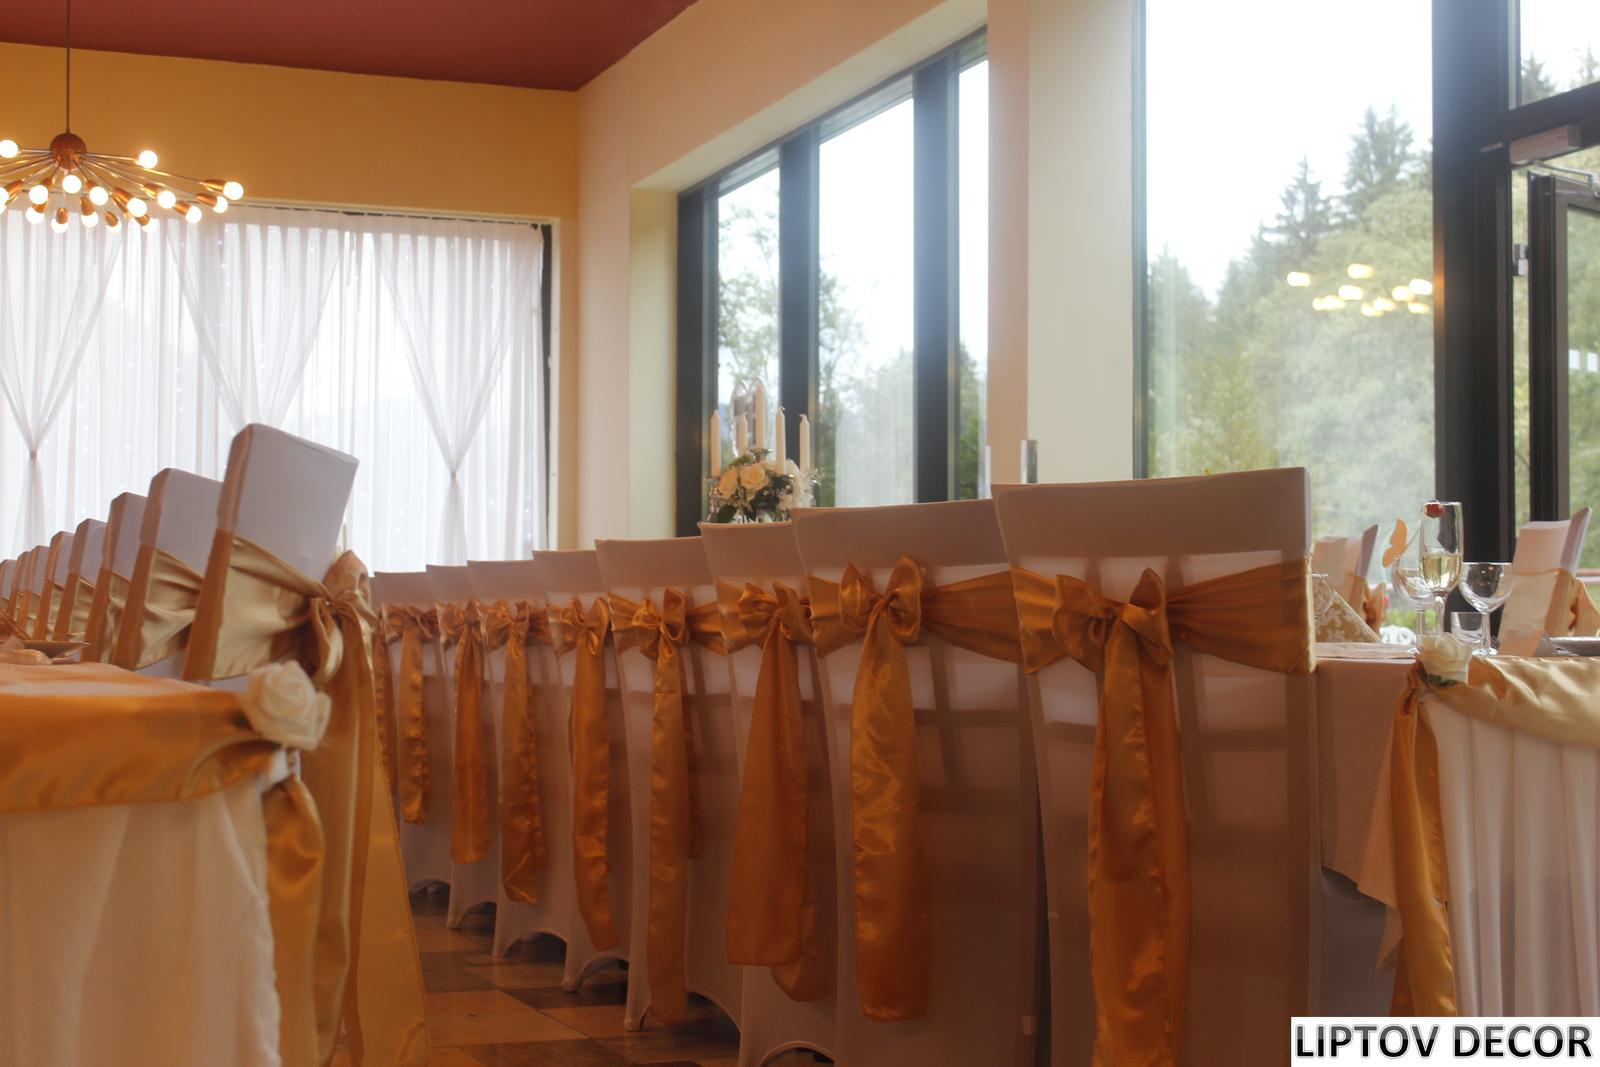 Svadobná výzdoba - HOTEL HRABOVO RUŽOMBEROK - Obrázok č. 5